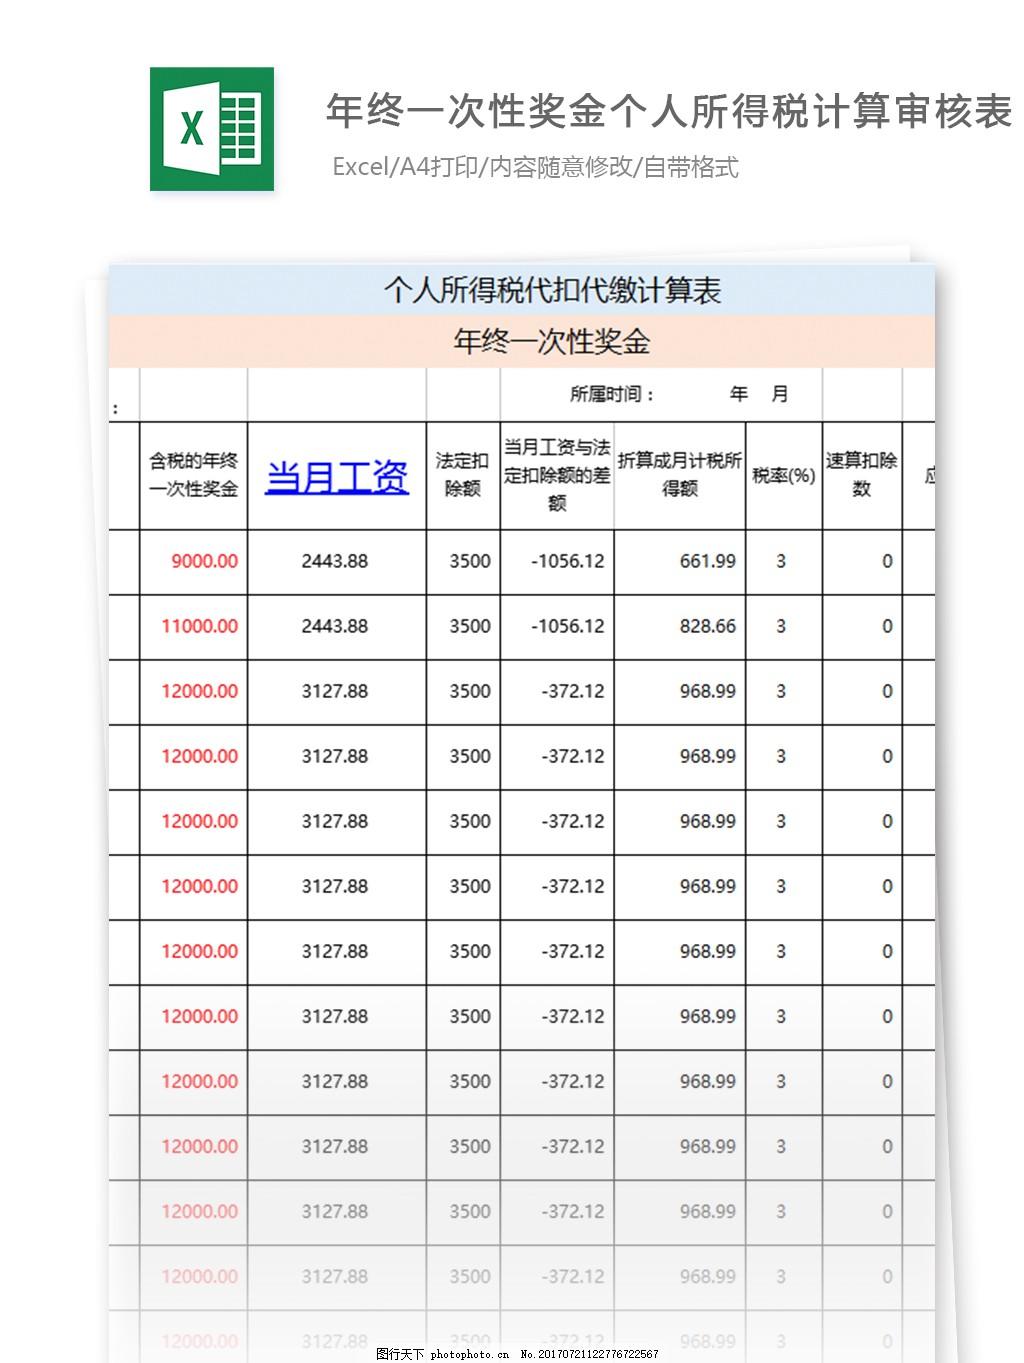 新劳务费个人所得税_最新北京个人所得税计算方法- _汇潮装饰网